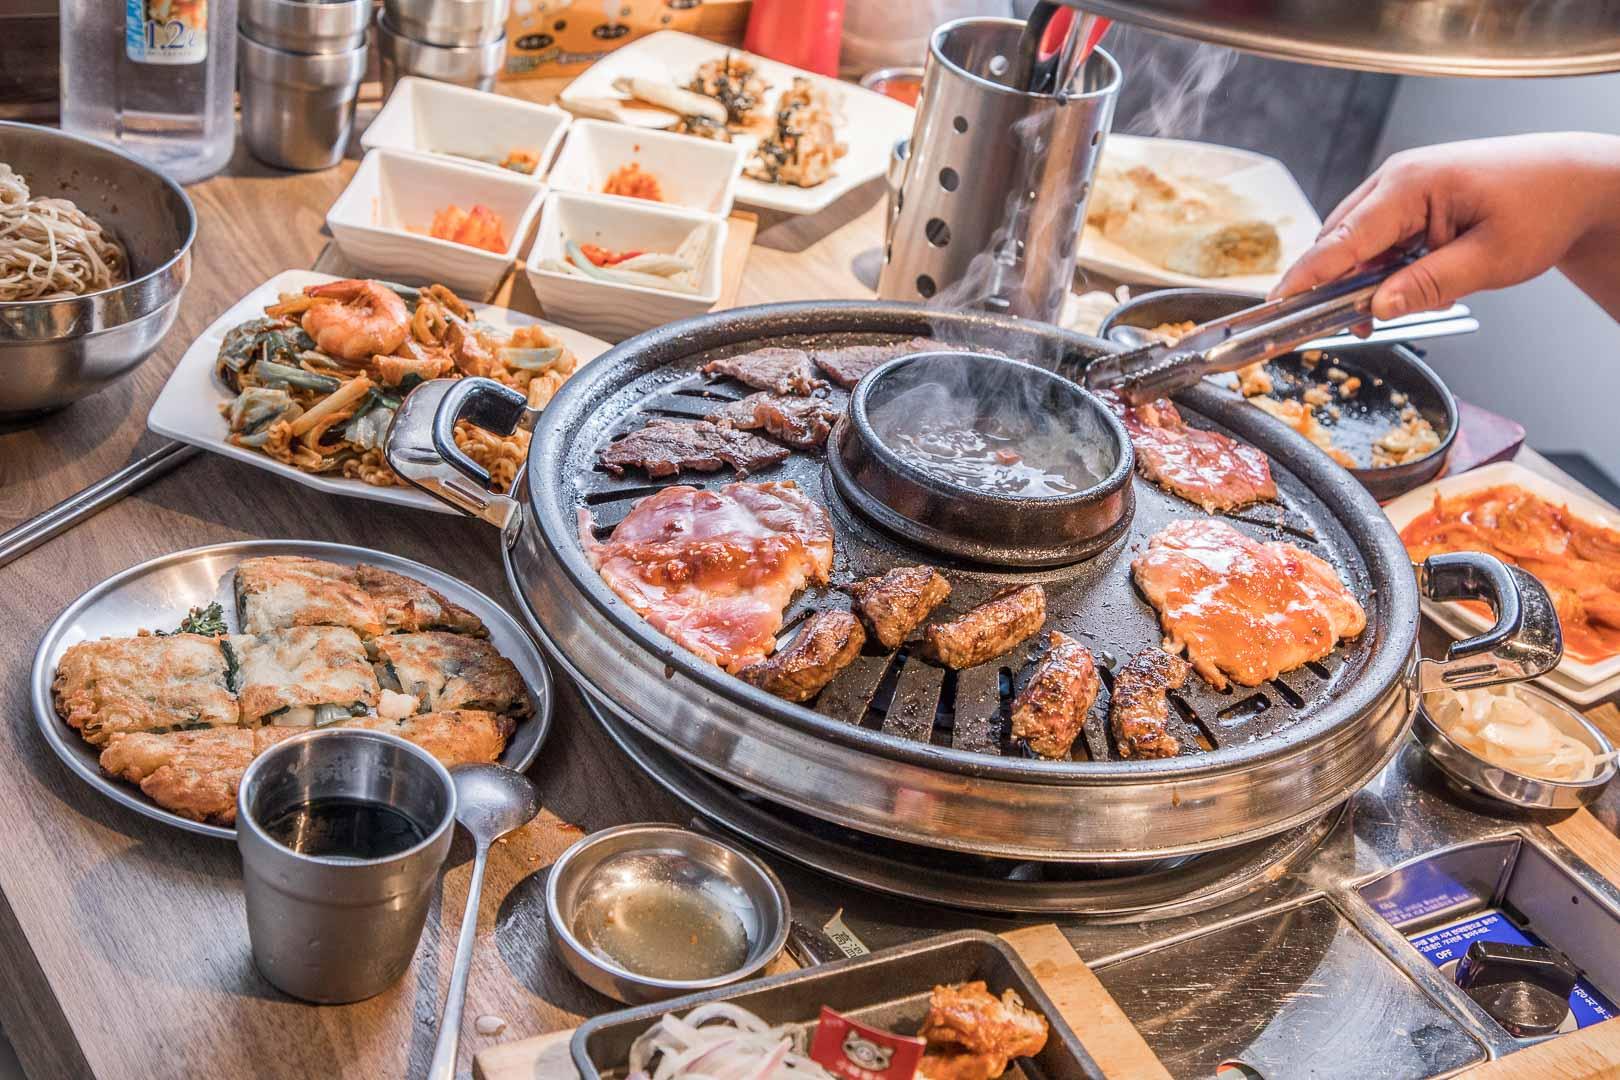 [台北吃到飽]小豬樂石韓式燒肉吃到飽/這必須吃爆!價格真的便宜到沒天理,韓式燒肉吃到飽389元起!